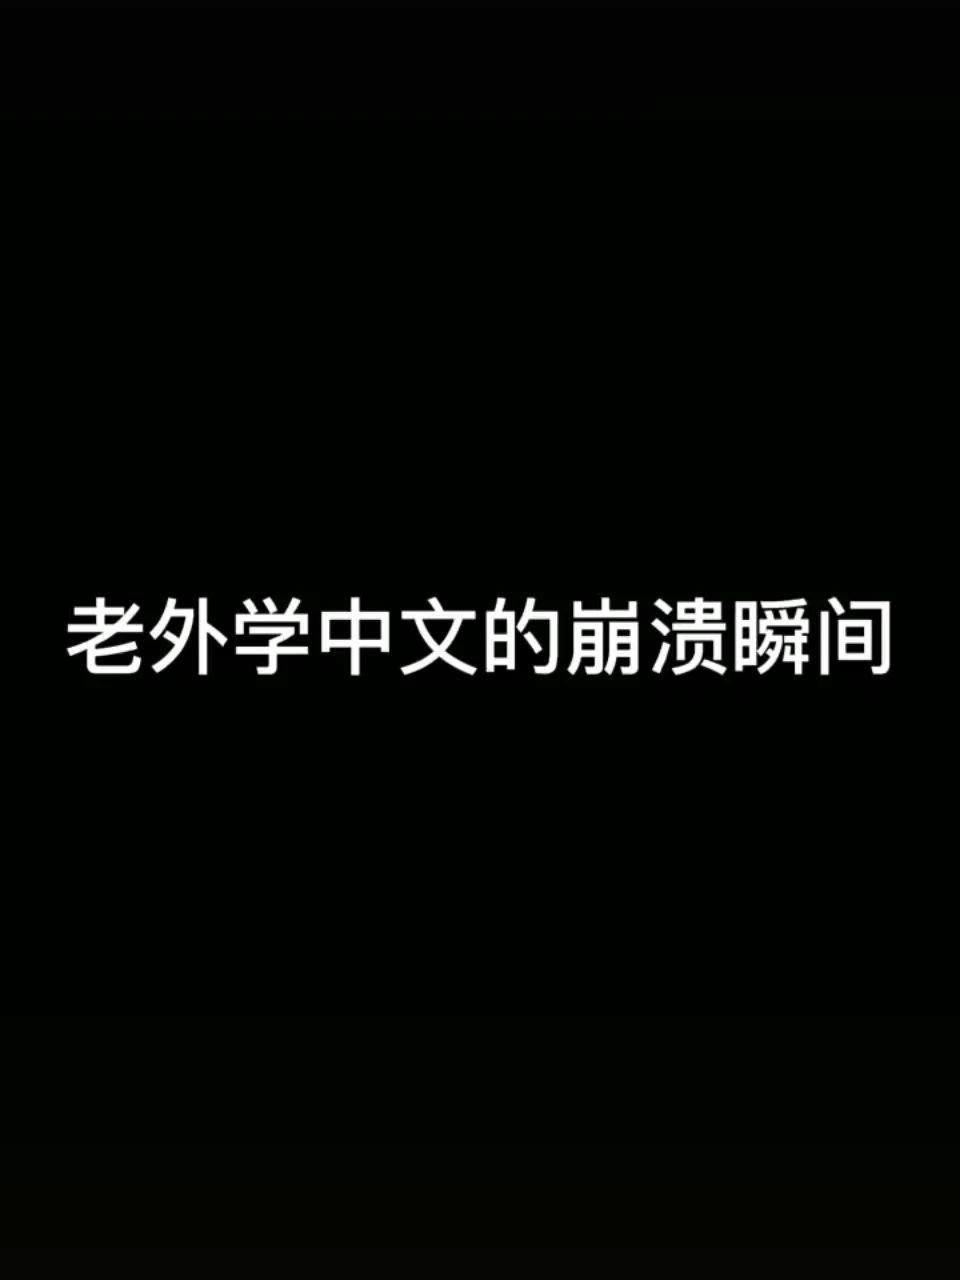 中文的强大分分钟绕蒙你  ??